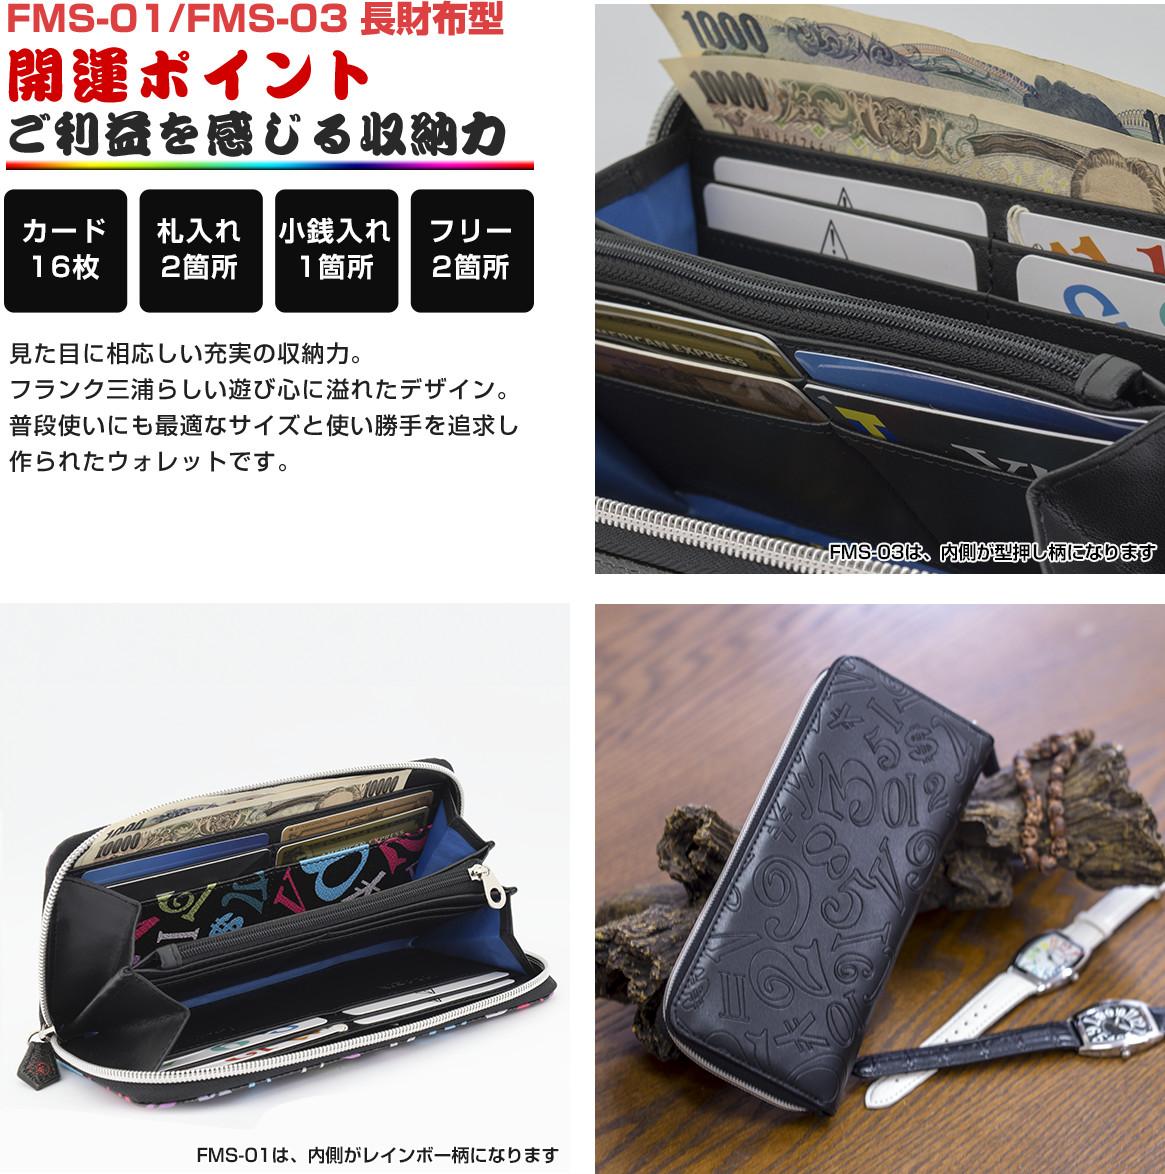 [フランク三浦] FMS01-CRW 奇跡の財布 メンズ レディース